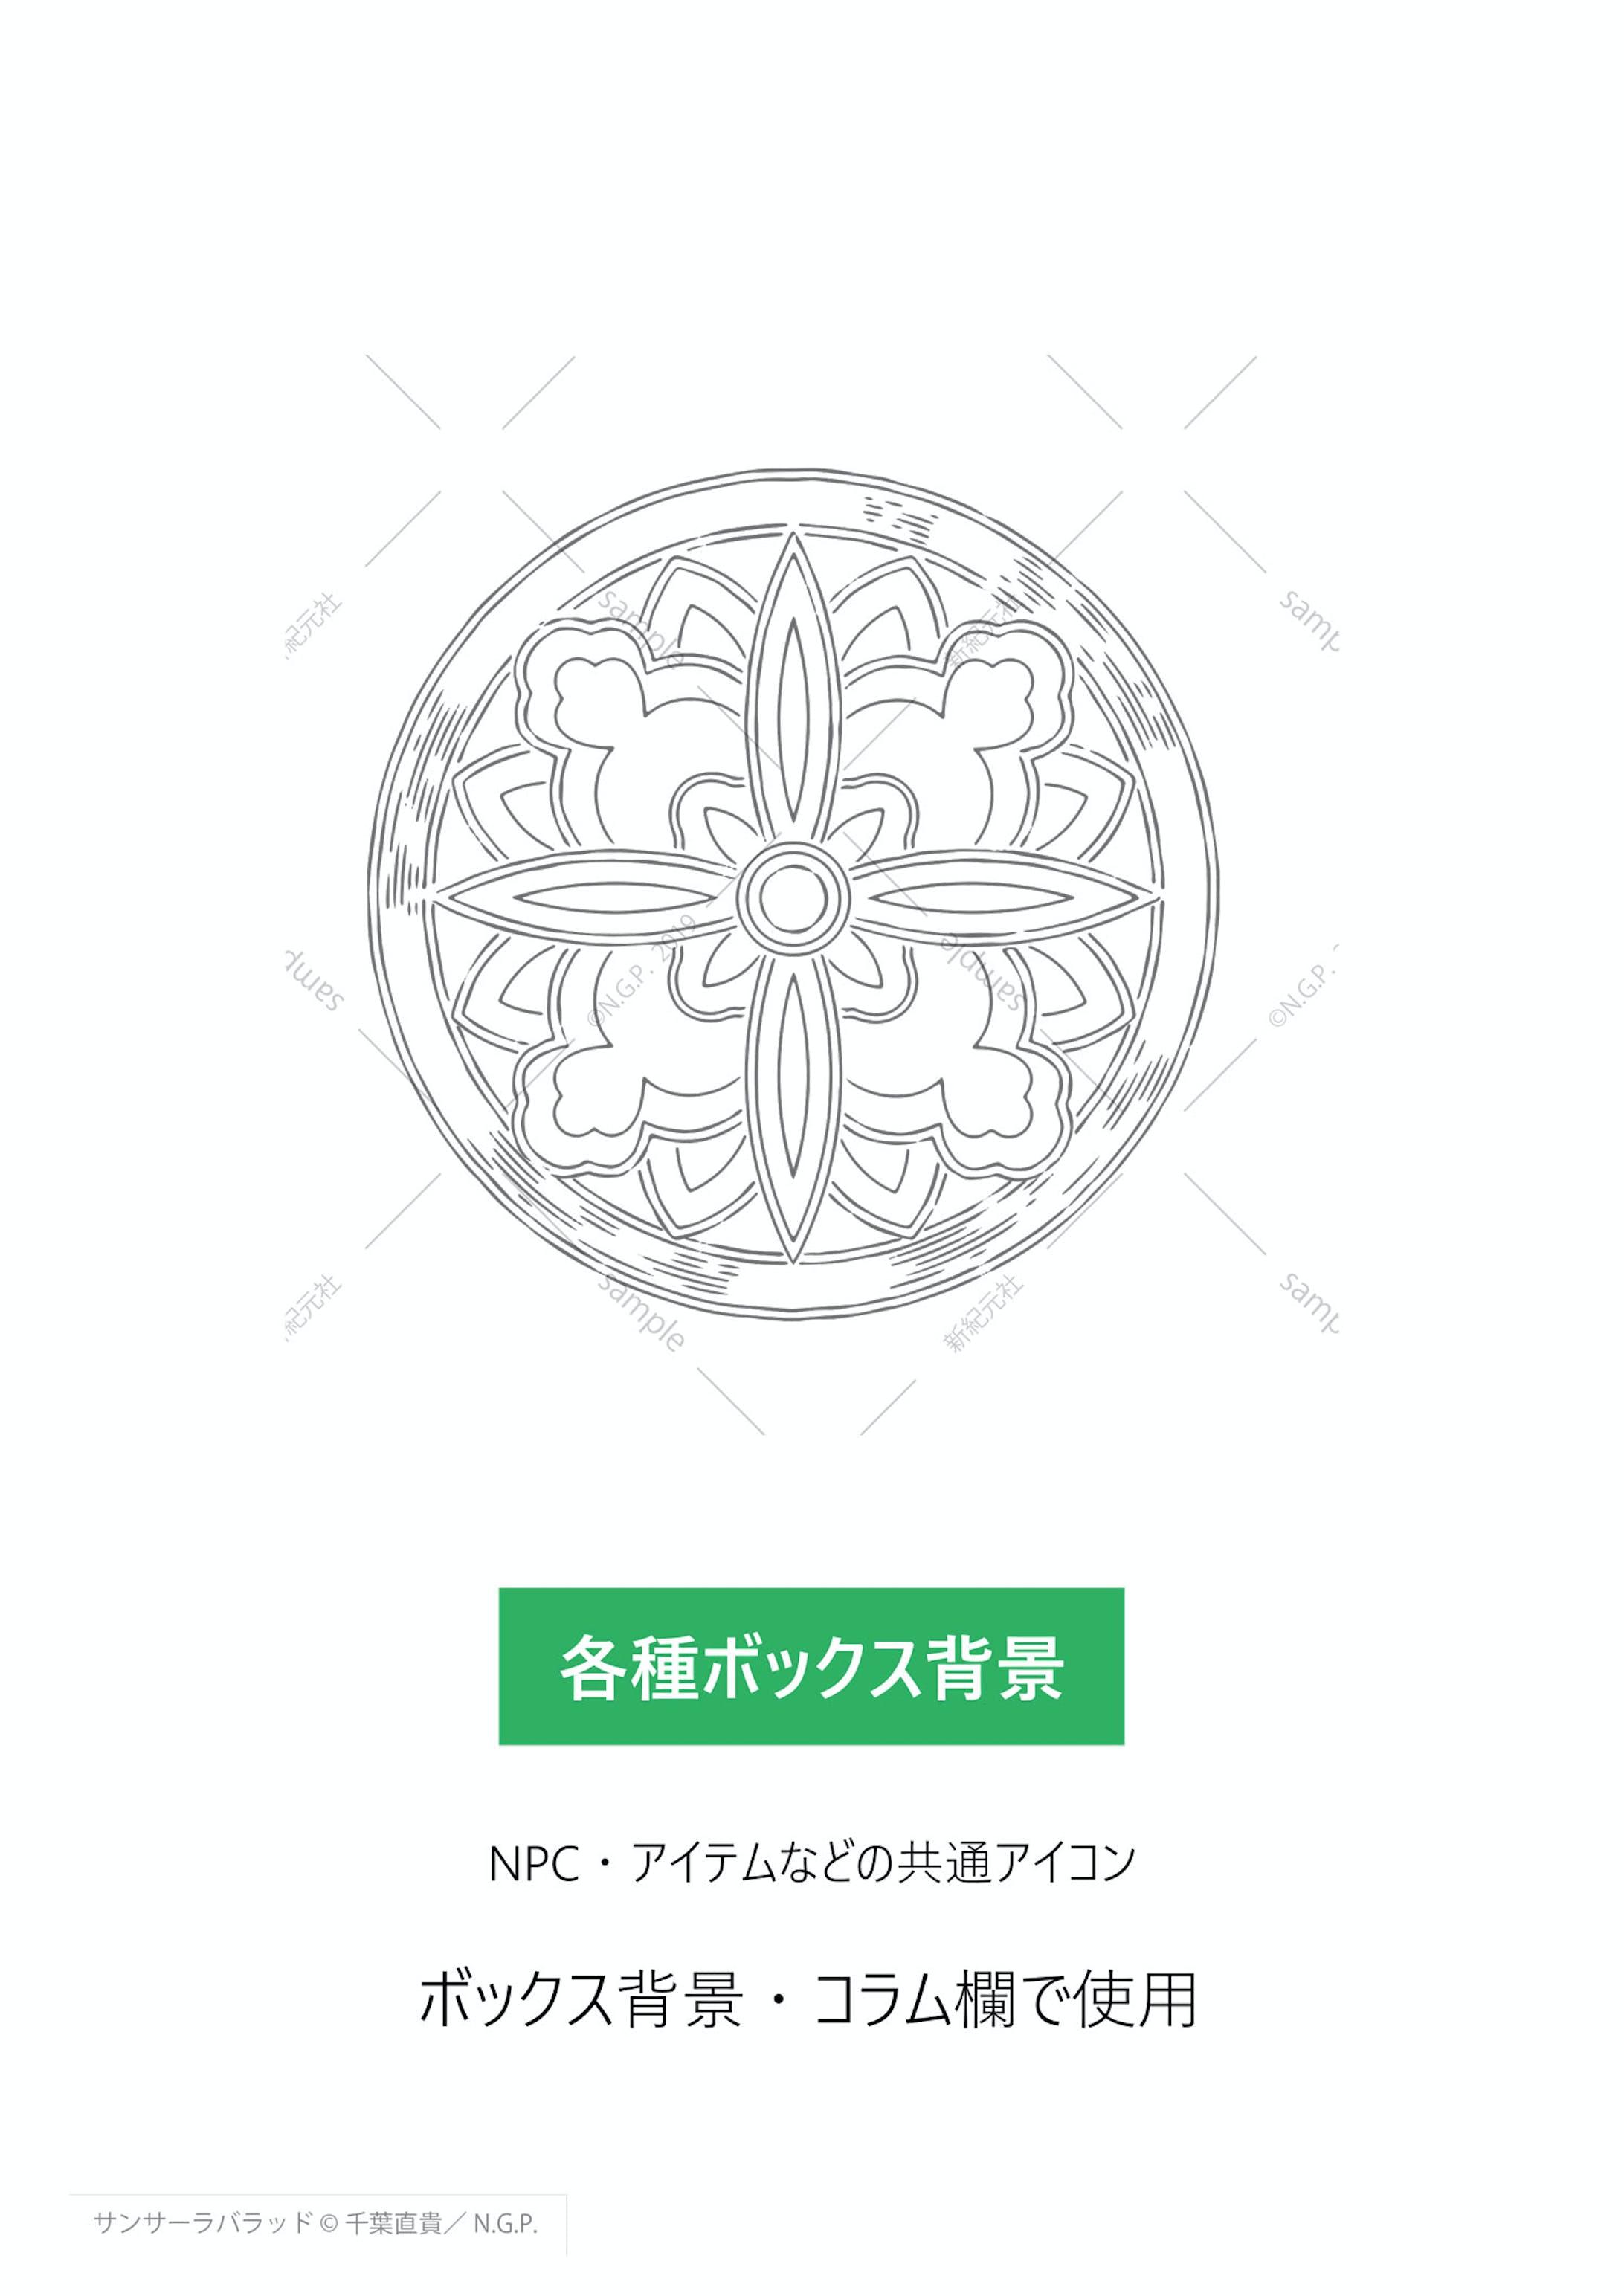 異世界転生RPG サンサーラ・バラッド - 誌面デザイン-11